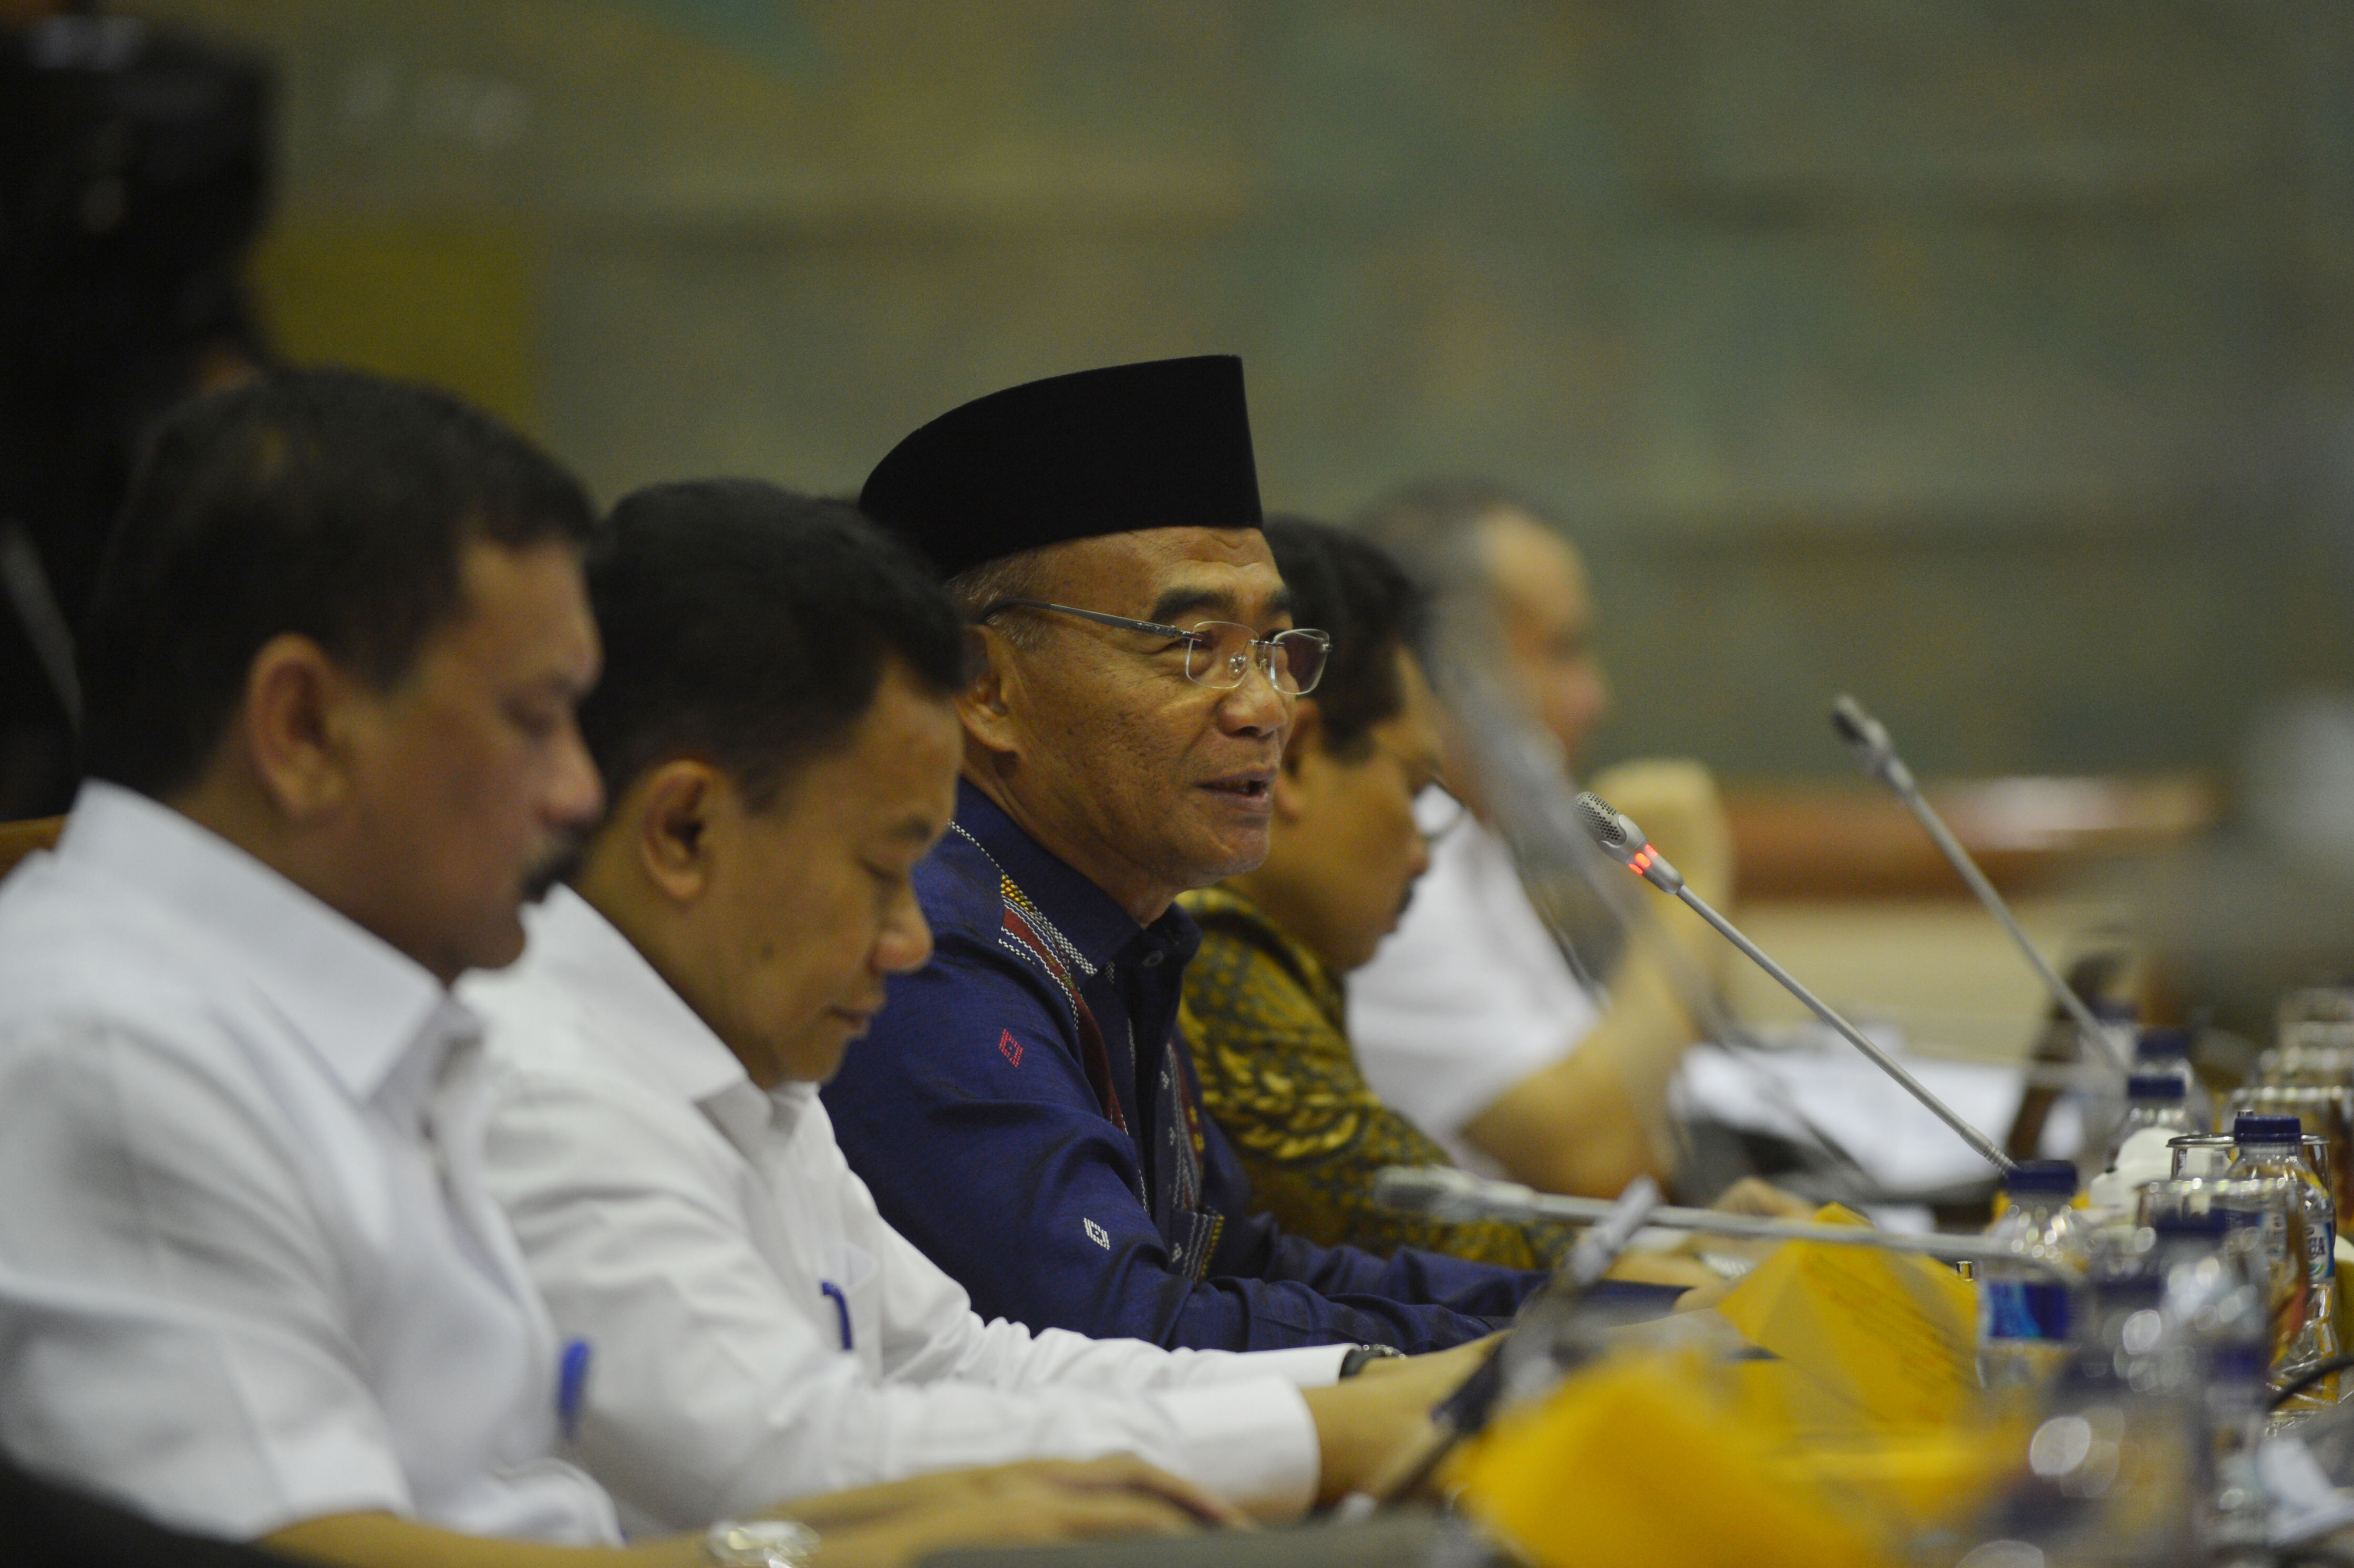 Mendikbud Muhadjir Effendy (tengah) menjawab pertanyaan saat rapat kerja dengan Komisi X DPR di Kompleks Parlemen, Senayan, Jakarta, Kamis (1/12). Rapat itu membahas moratorium ujian nasional oleh pemerintah. ANTARA FOTO/Akbar Nugroho Gumay/kye/16